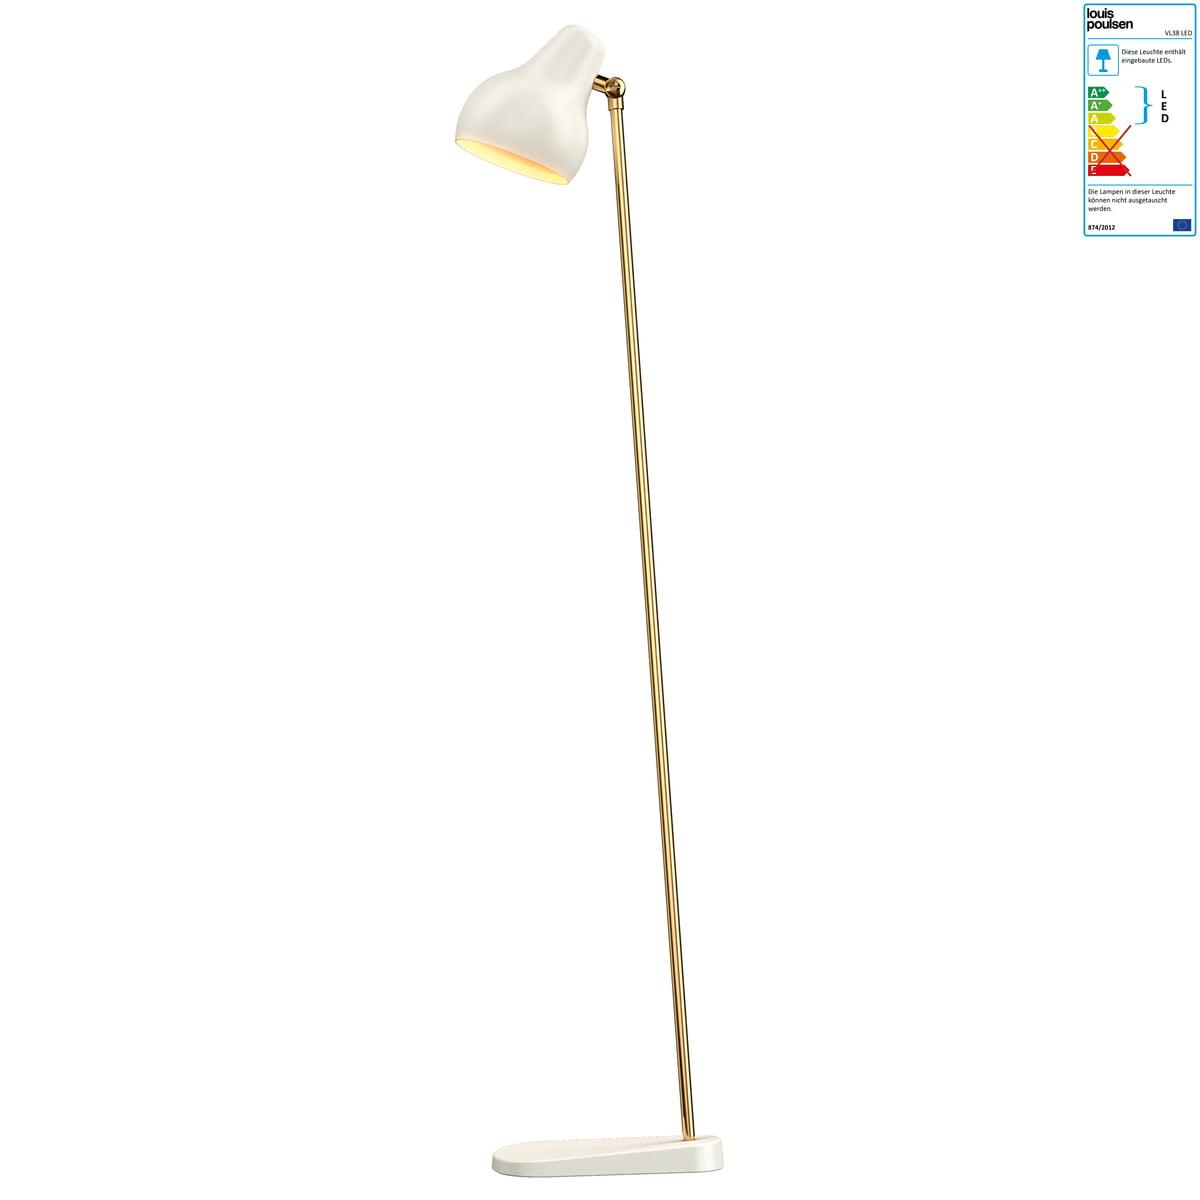 Louis Poulsen - VL38 LED Stehleuchte, weiß / Messing Weiß T:25 H:120 ...